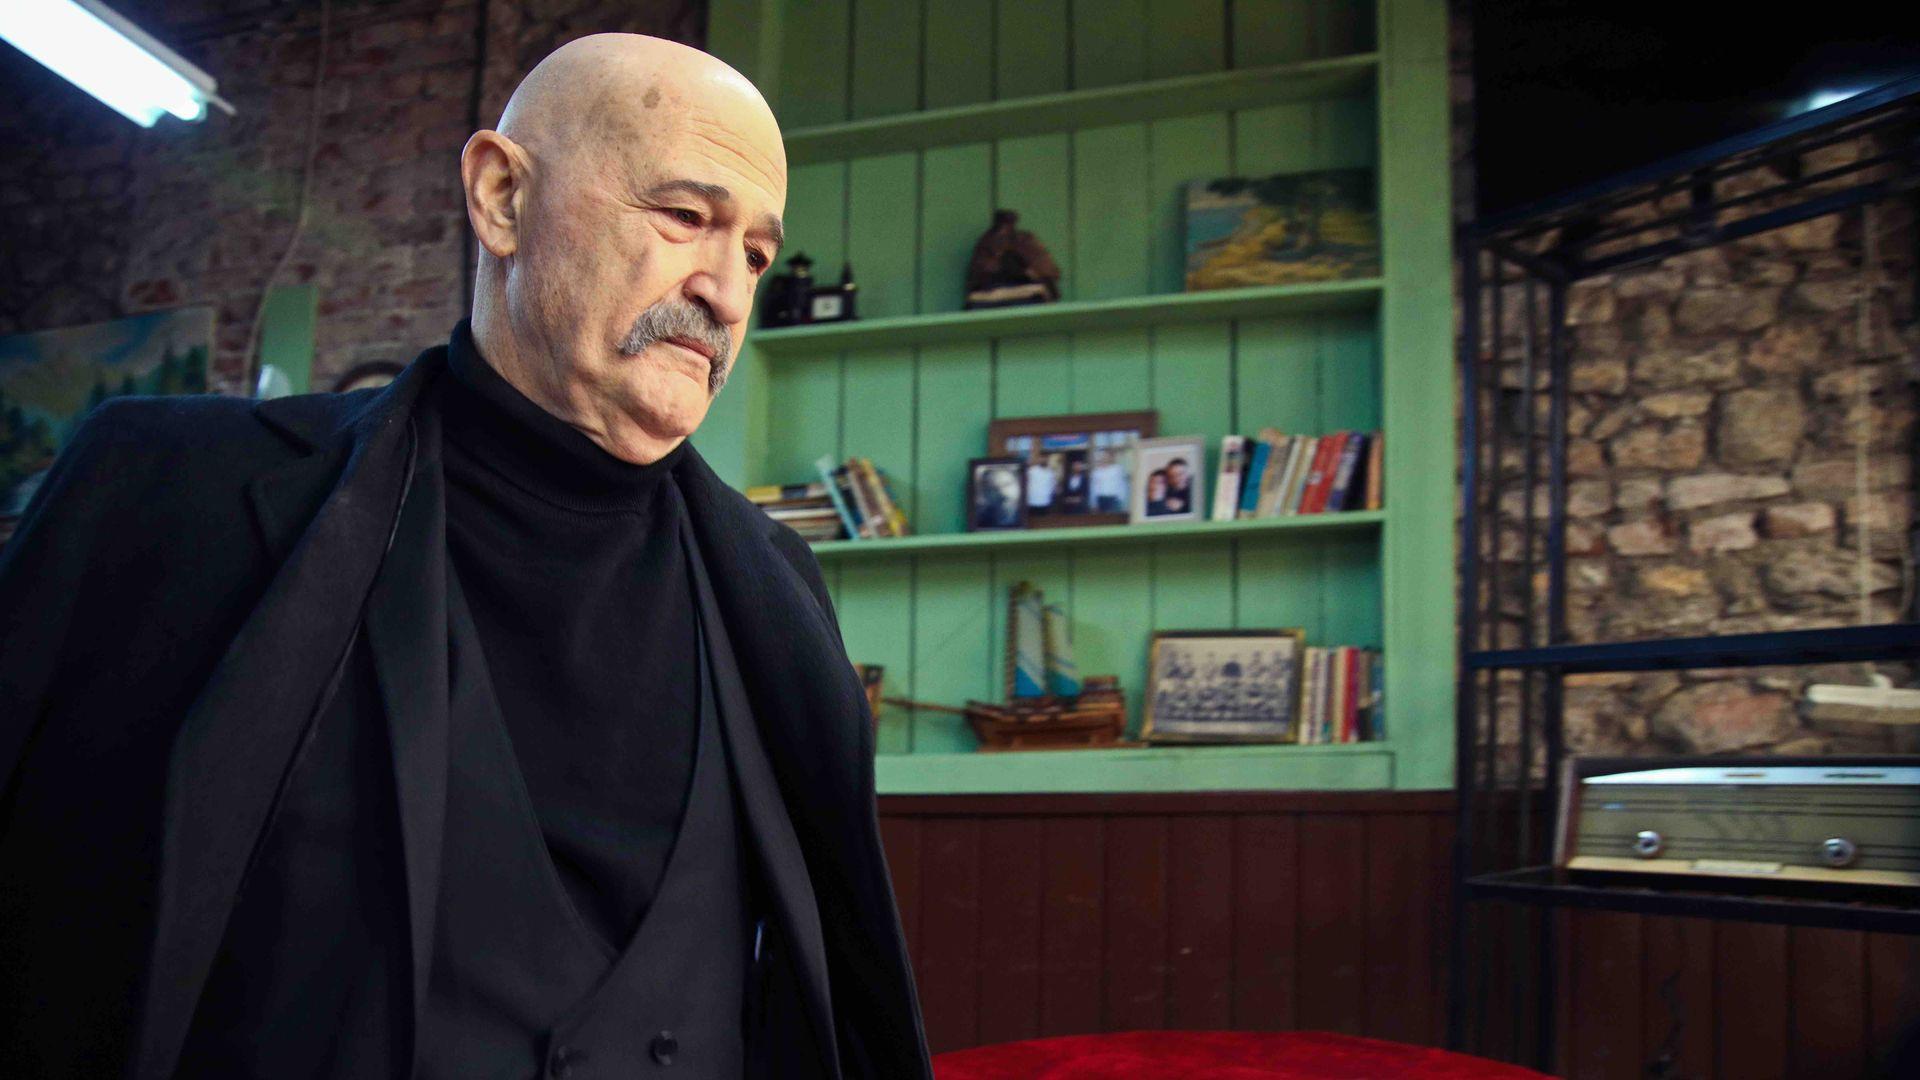 Çukur'un Cumali Amcası 4 sezonluk zirvenin sırrını açıkladı! Son dakika magazin haberleri